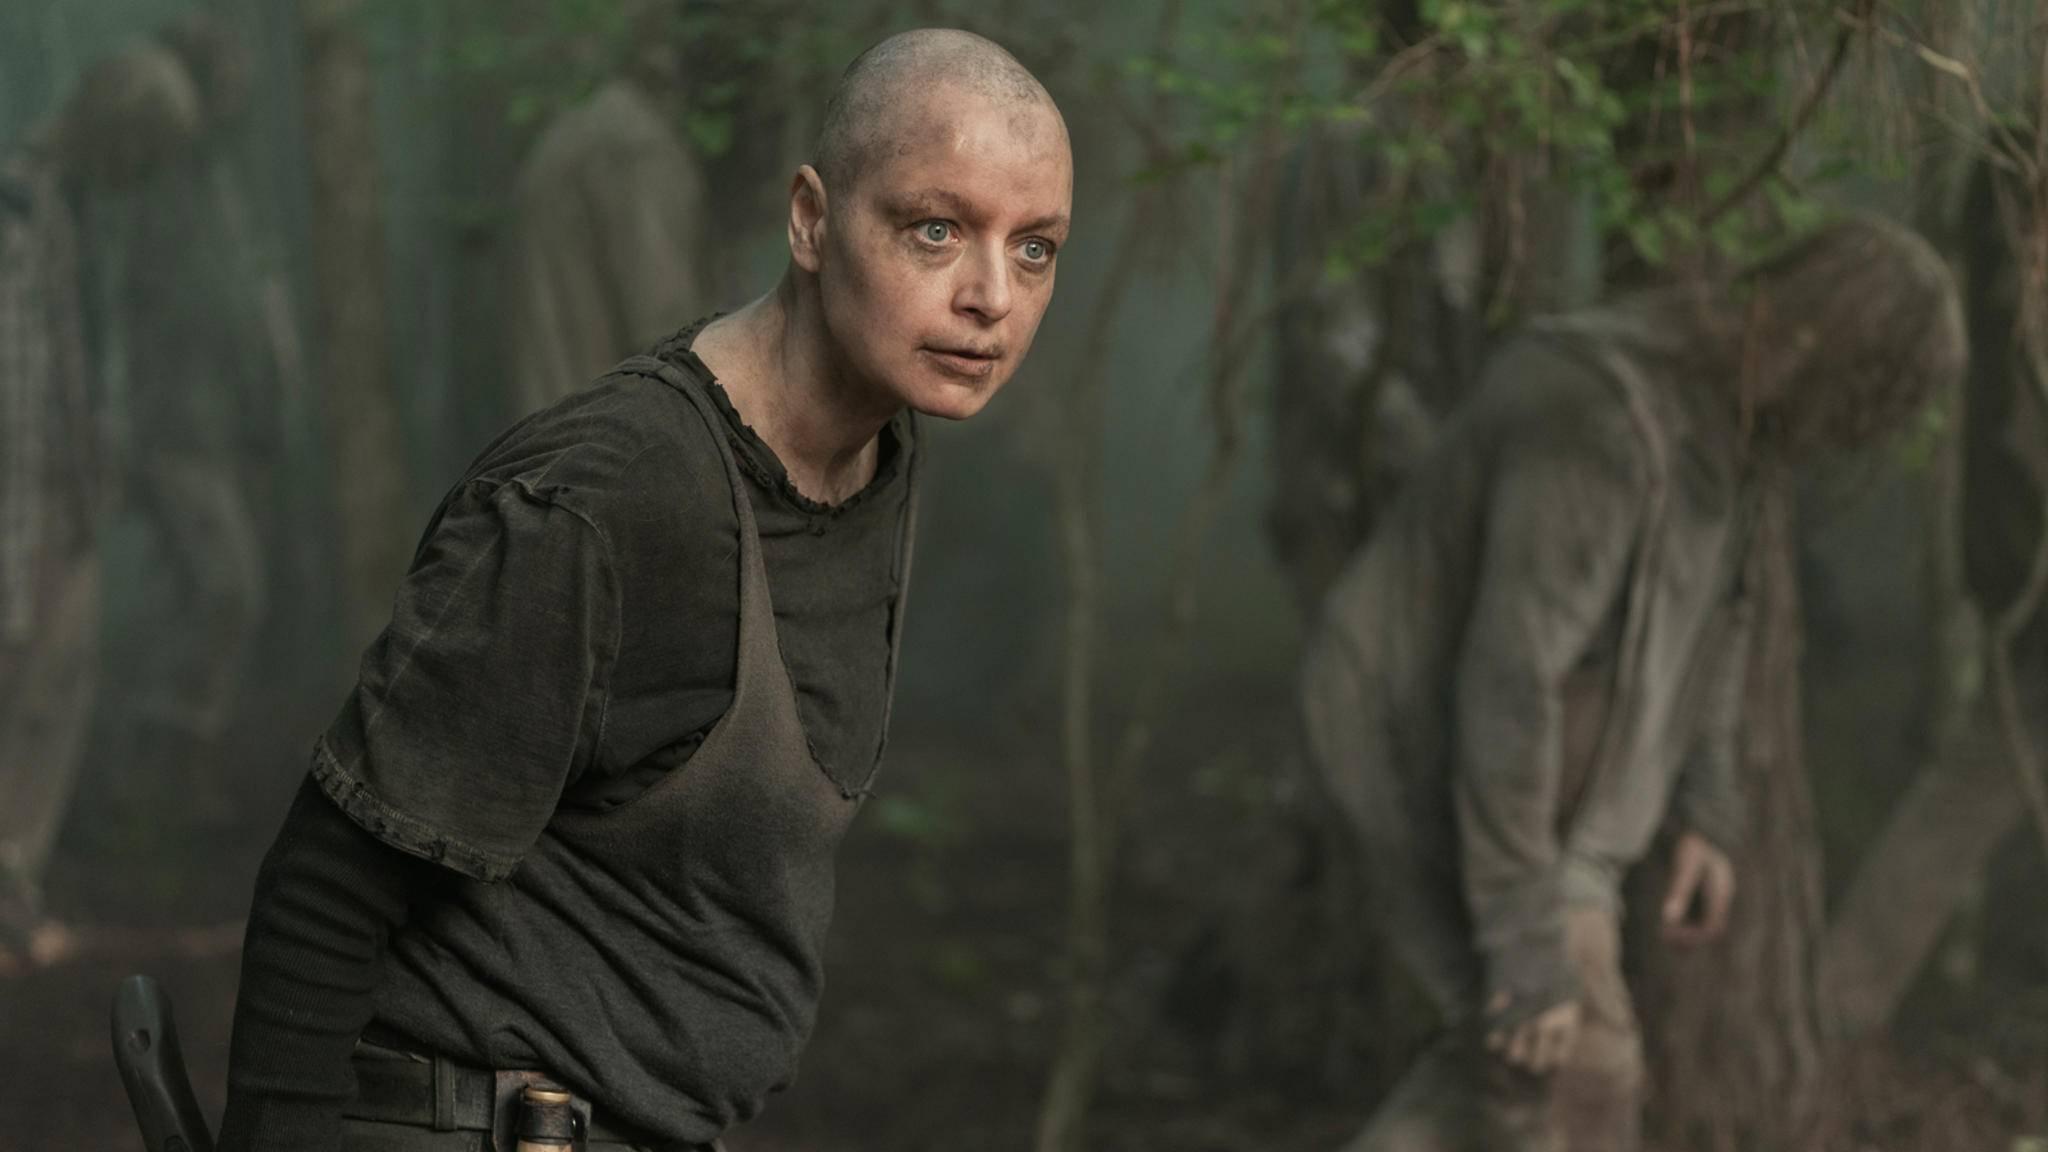 The Walking Dead-S10E02-Alpha-Jace Downs-AMC-6